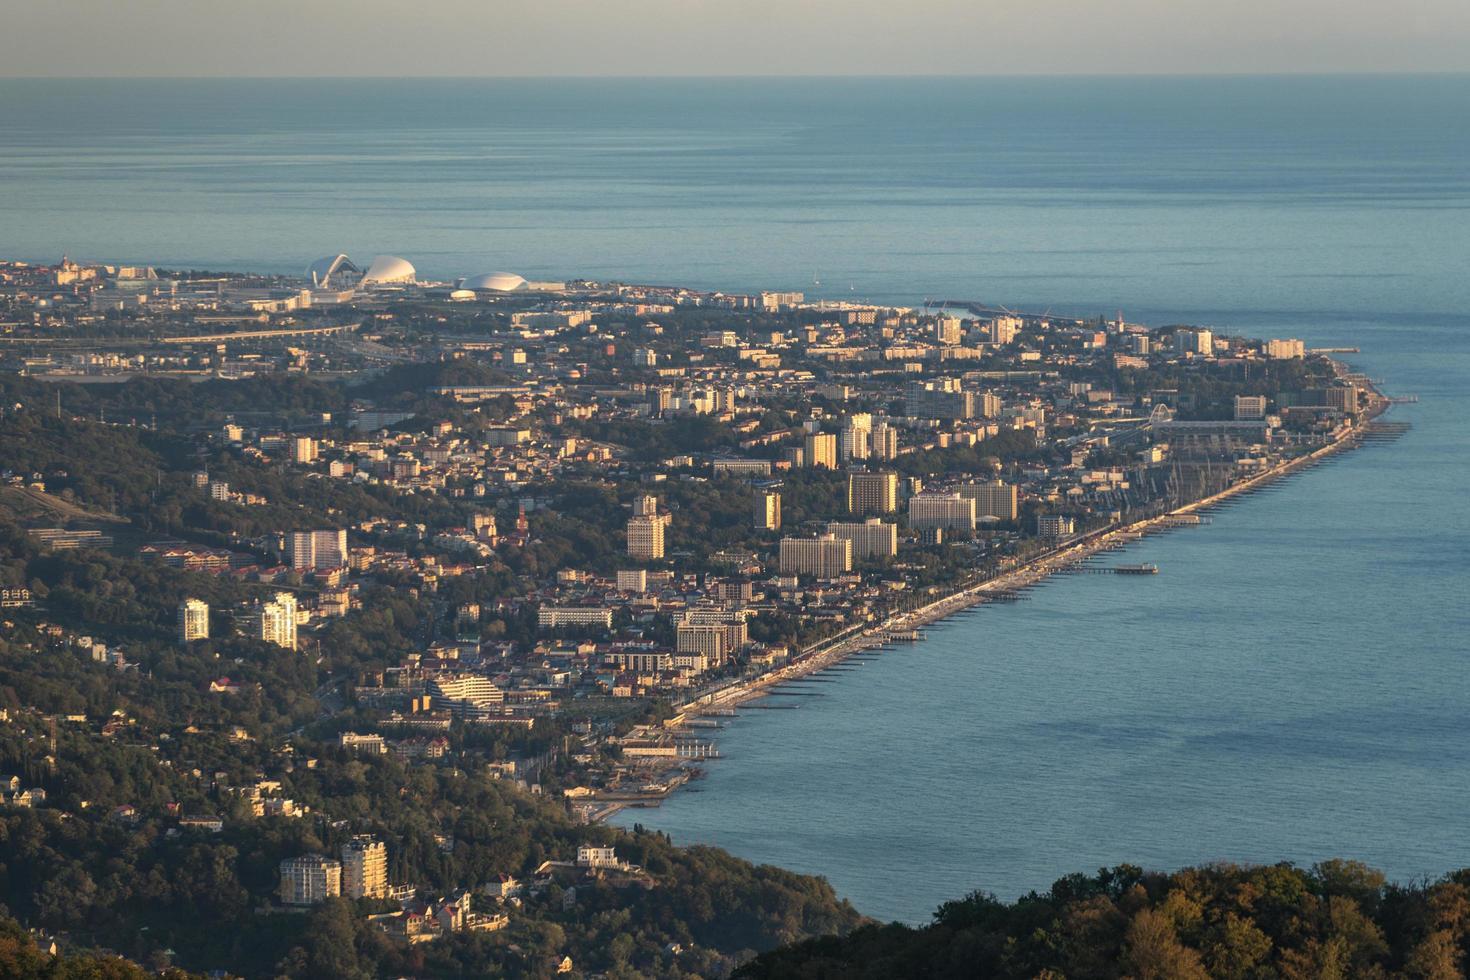 Luftaufnahme von Bergen und entfernter Stadt neben Gewässern in Sotschi, Russland foto